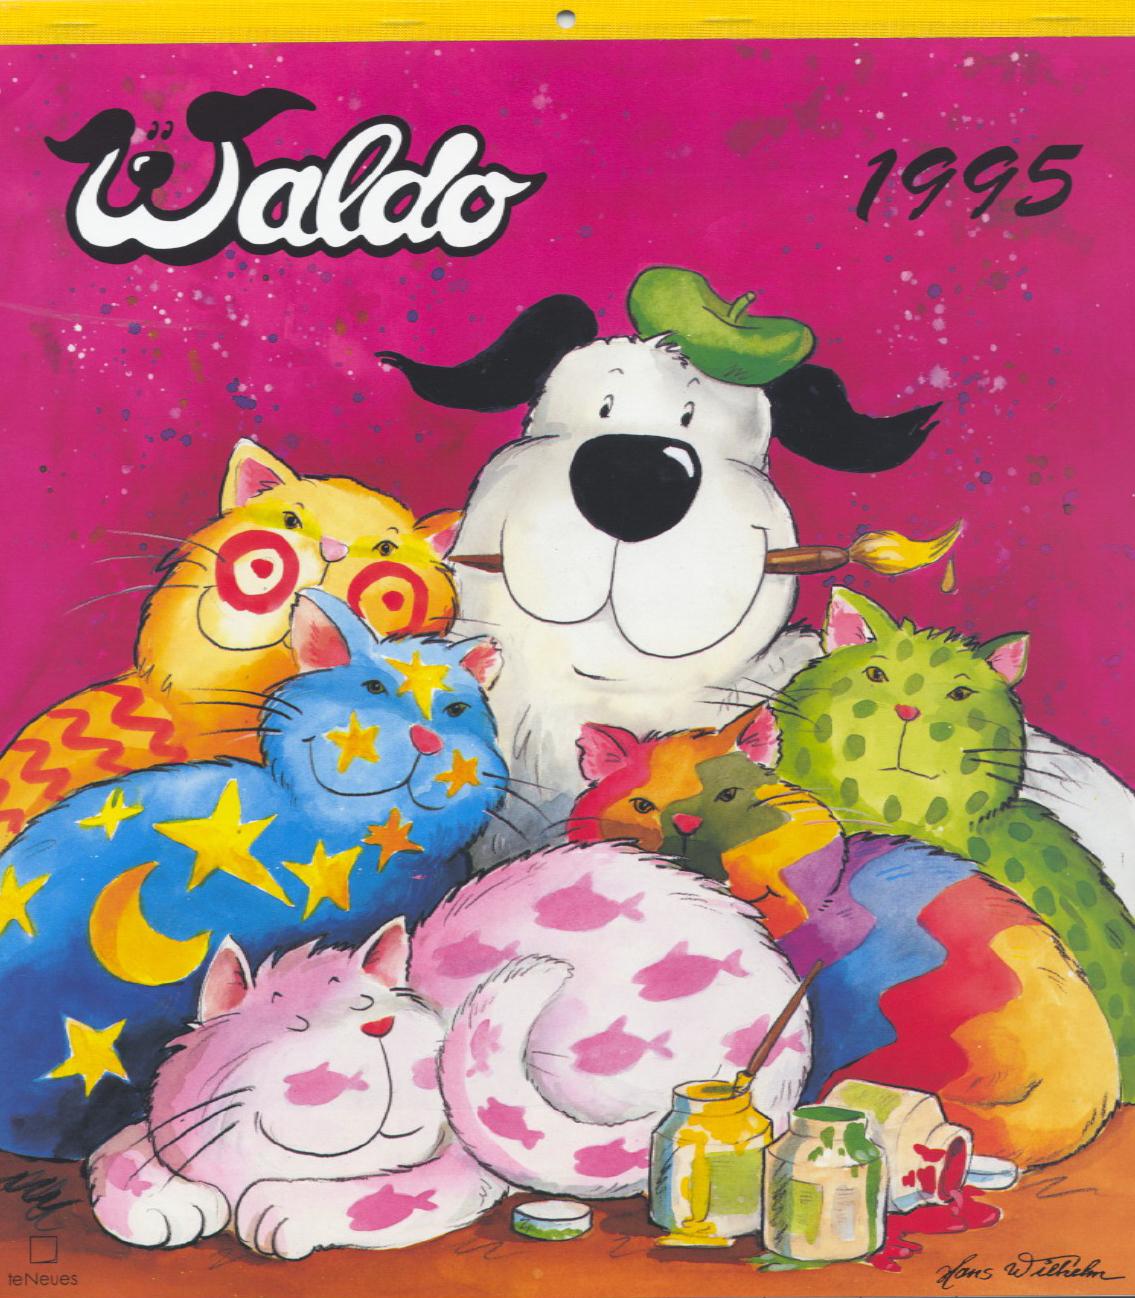 waldo 1995.jpg